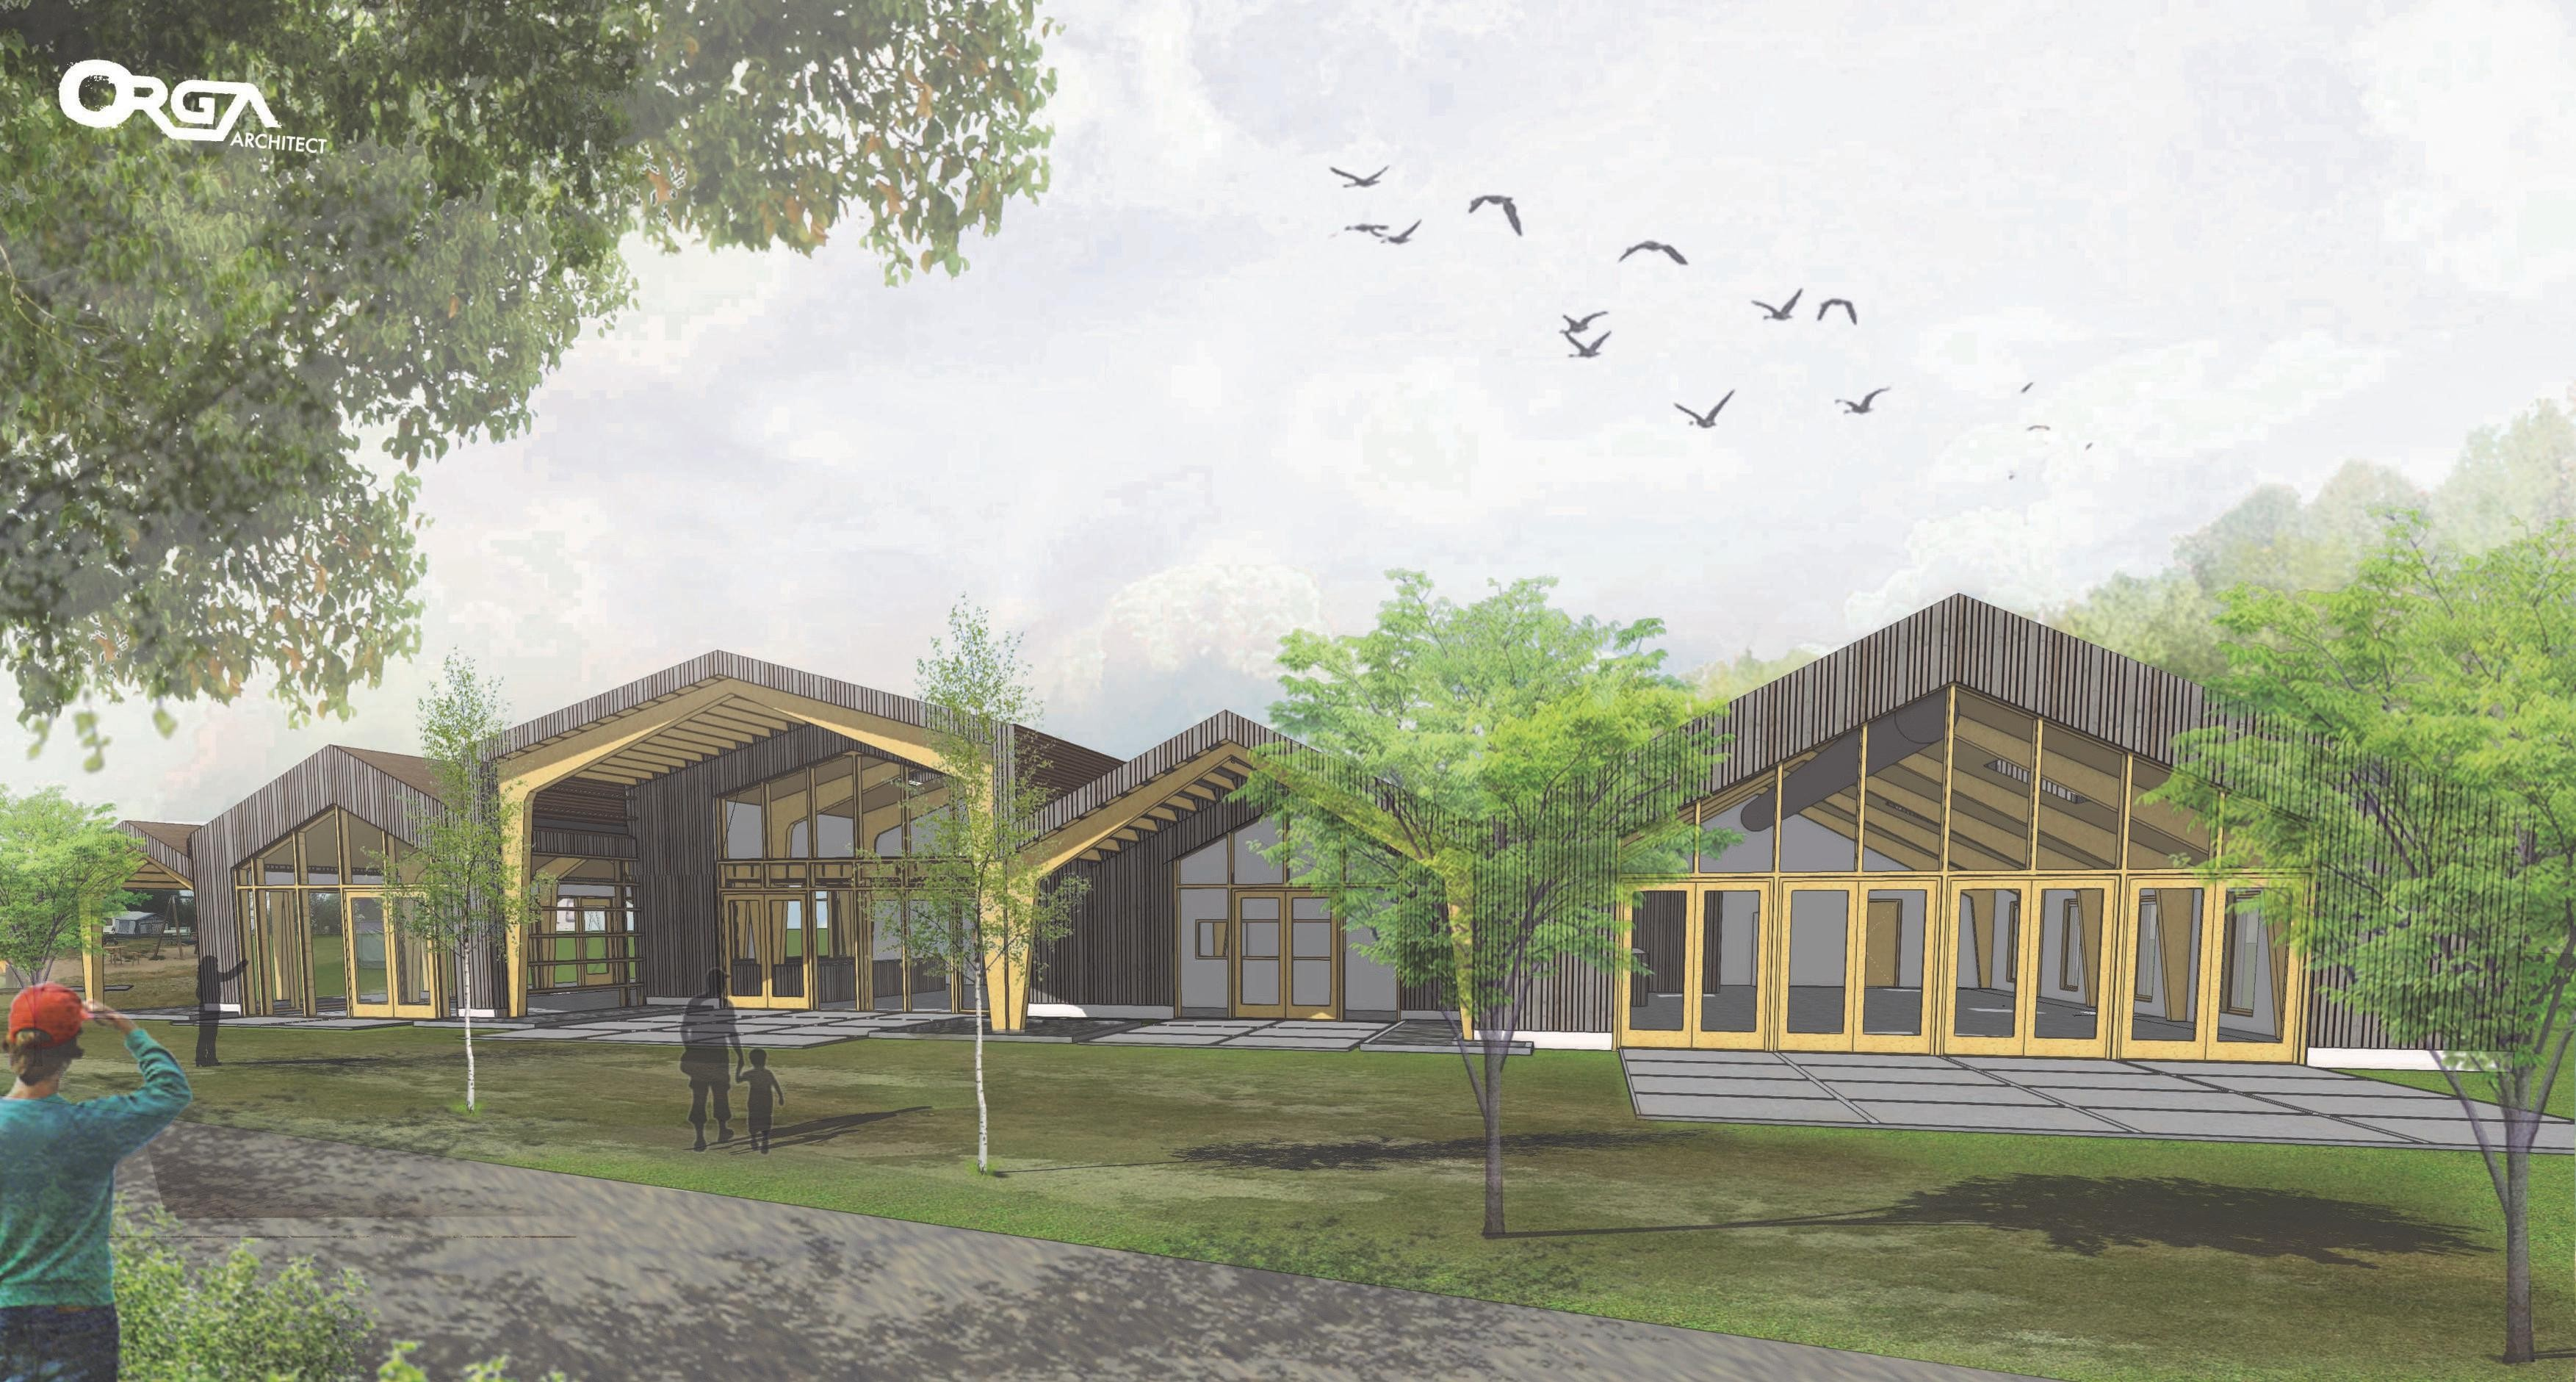 Splinternieuw gebouw voor camping De Nollen in Callantsoog, maar de karakteristieke stolp blijft ook gewoon st - Noordhollands Dagblad